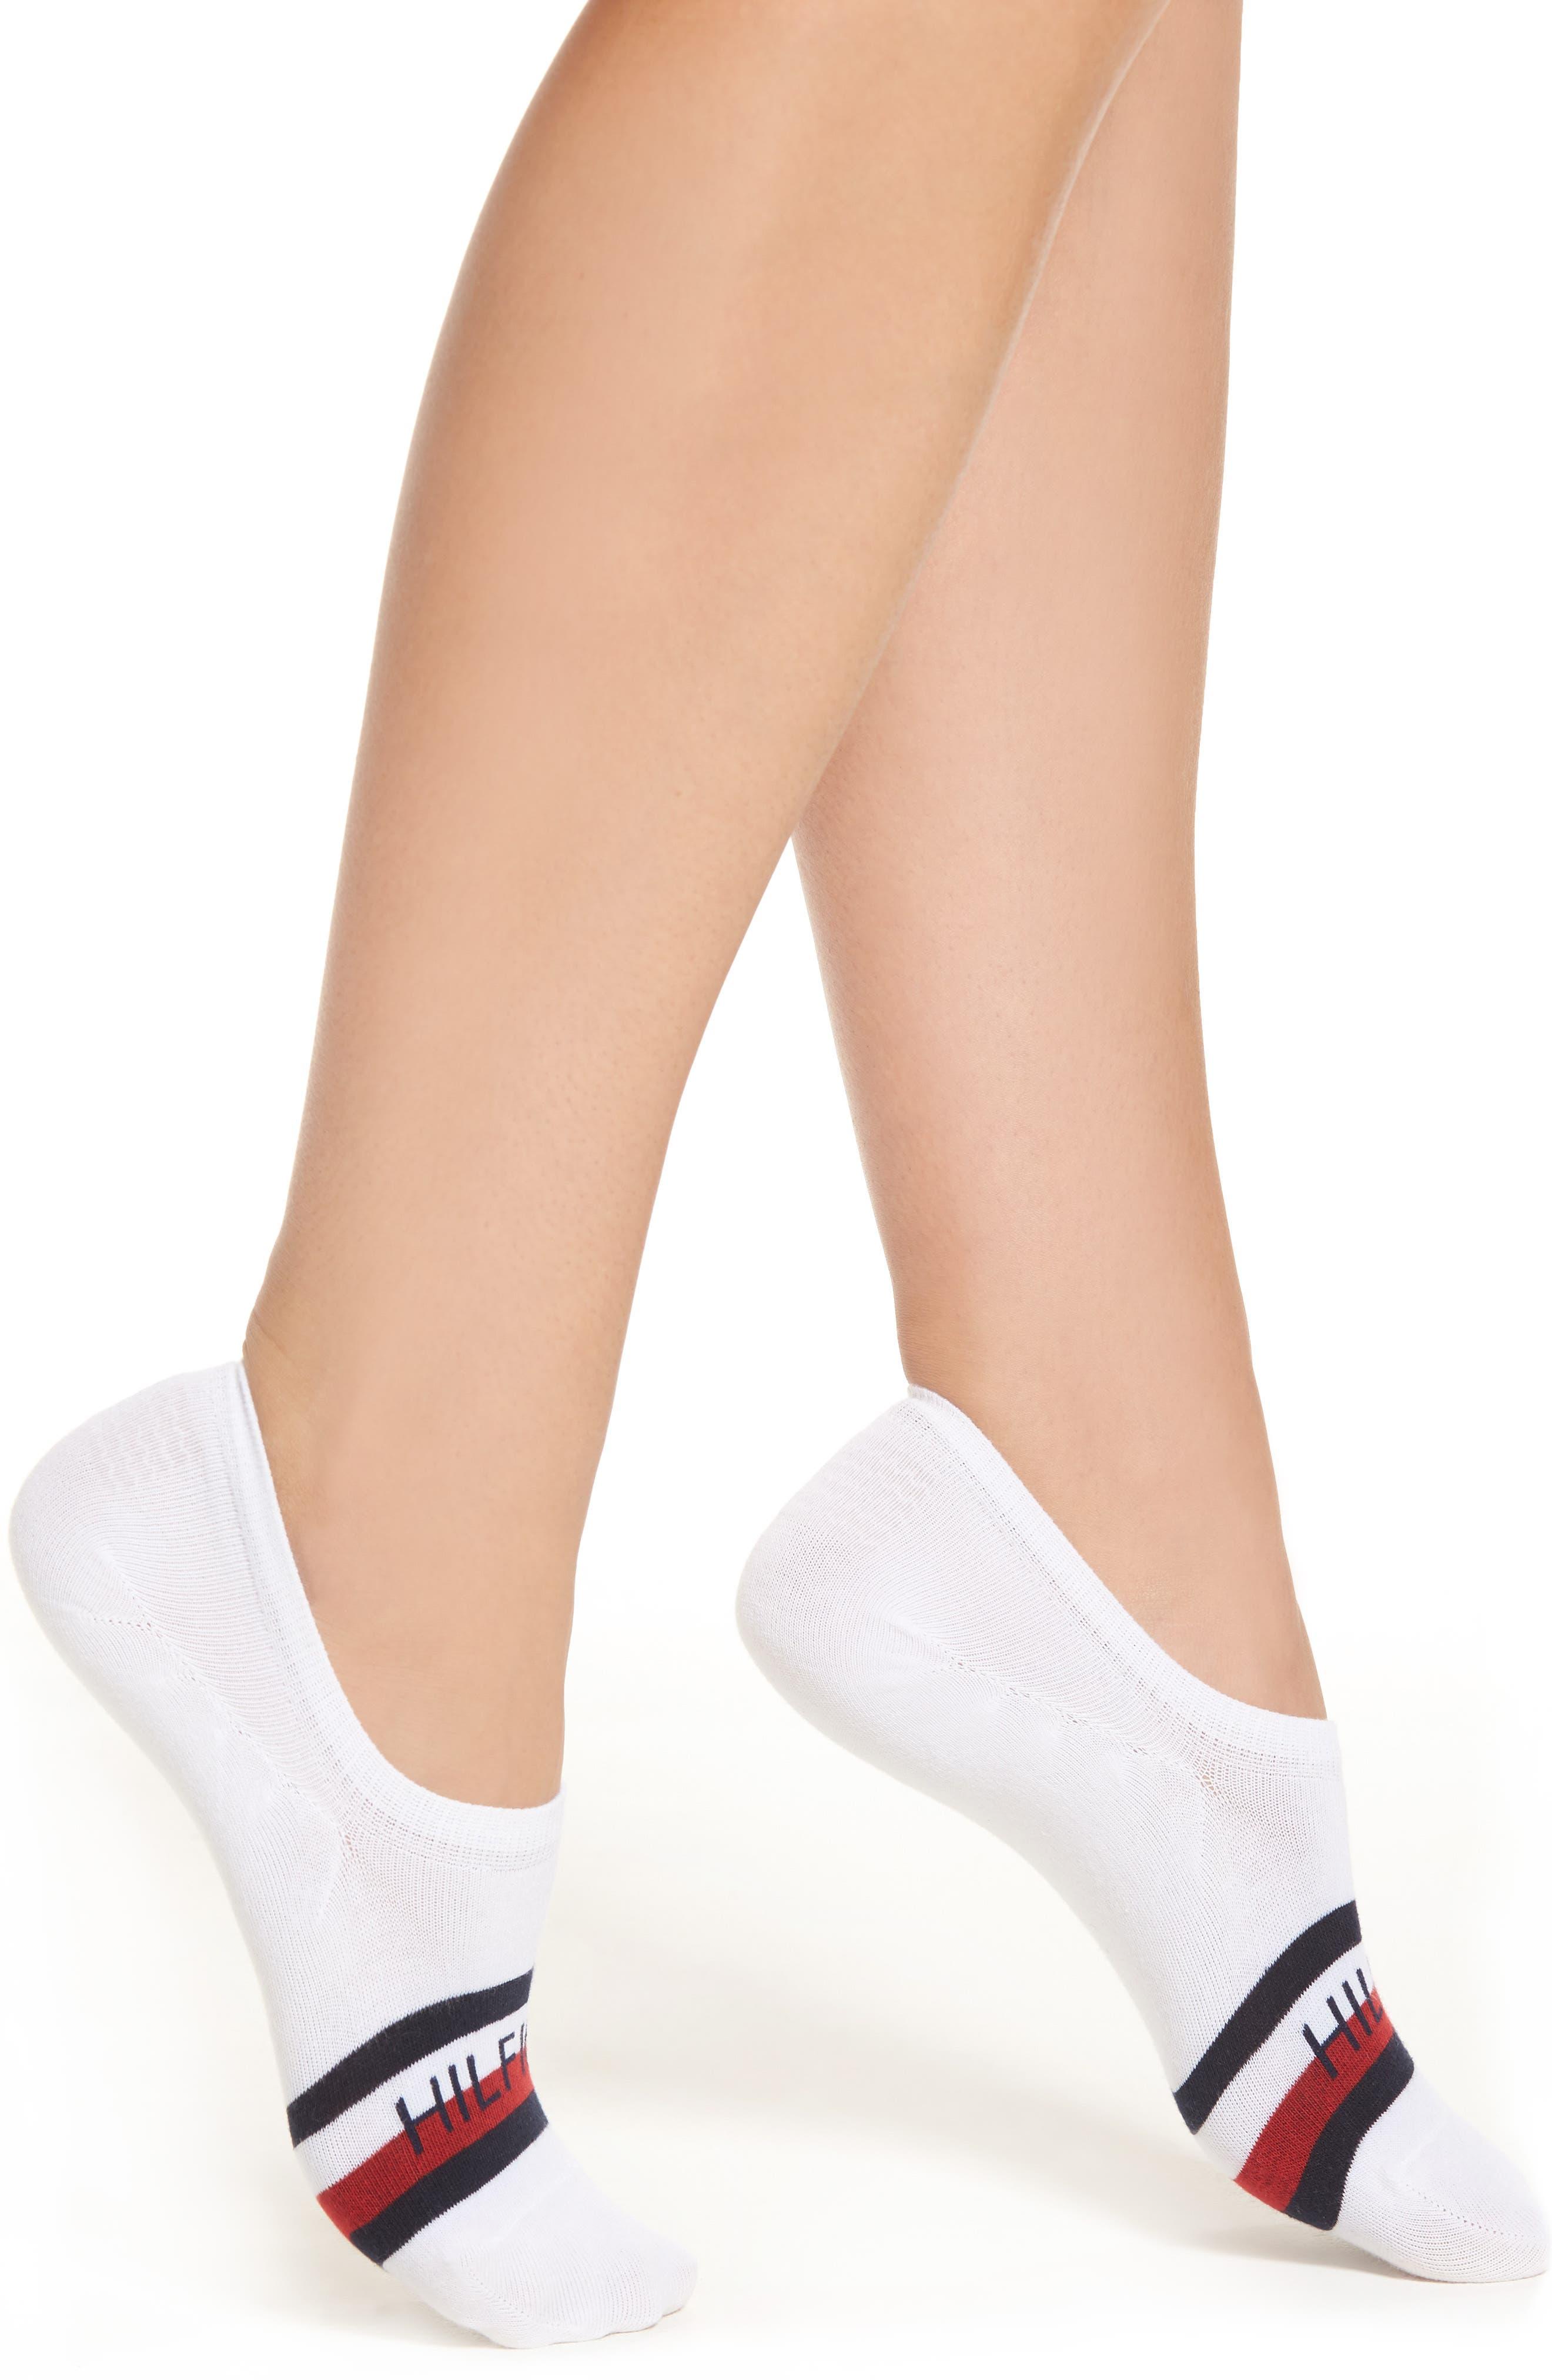 No-Show Socks,                         Main,                         color, White